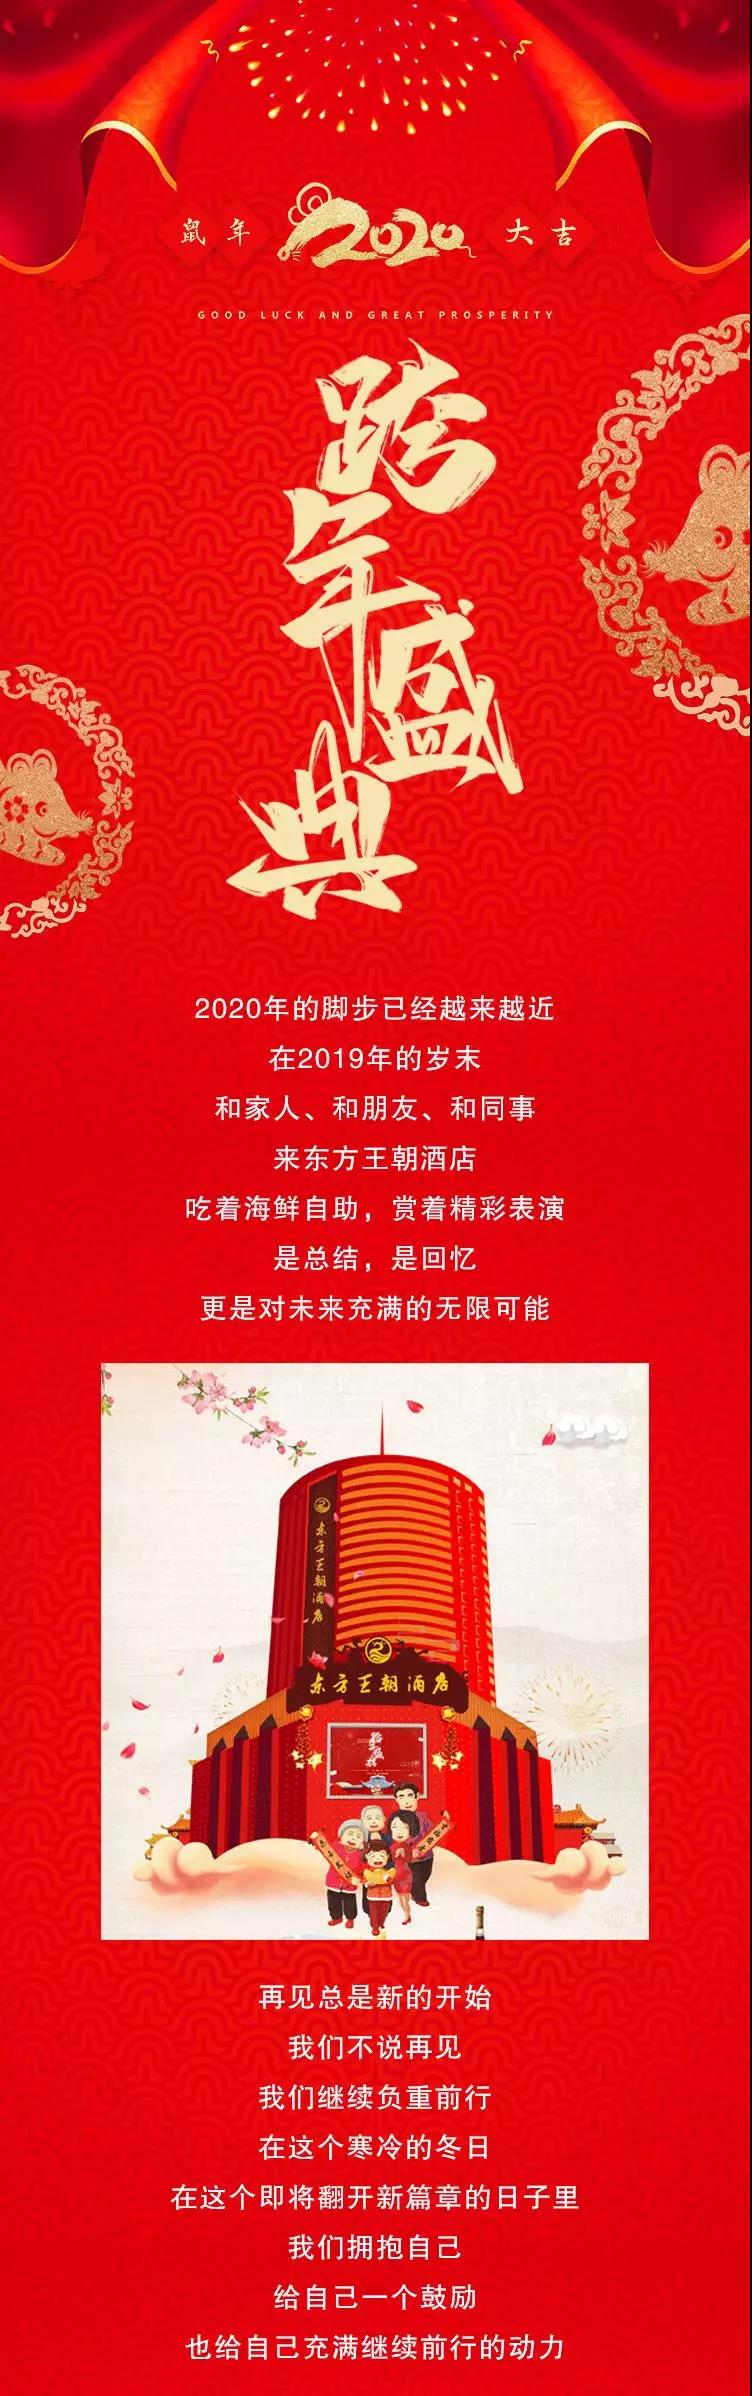 东方王朝酒店| 跨年盛典 邀你共赏